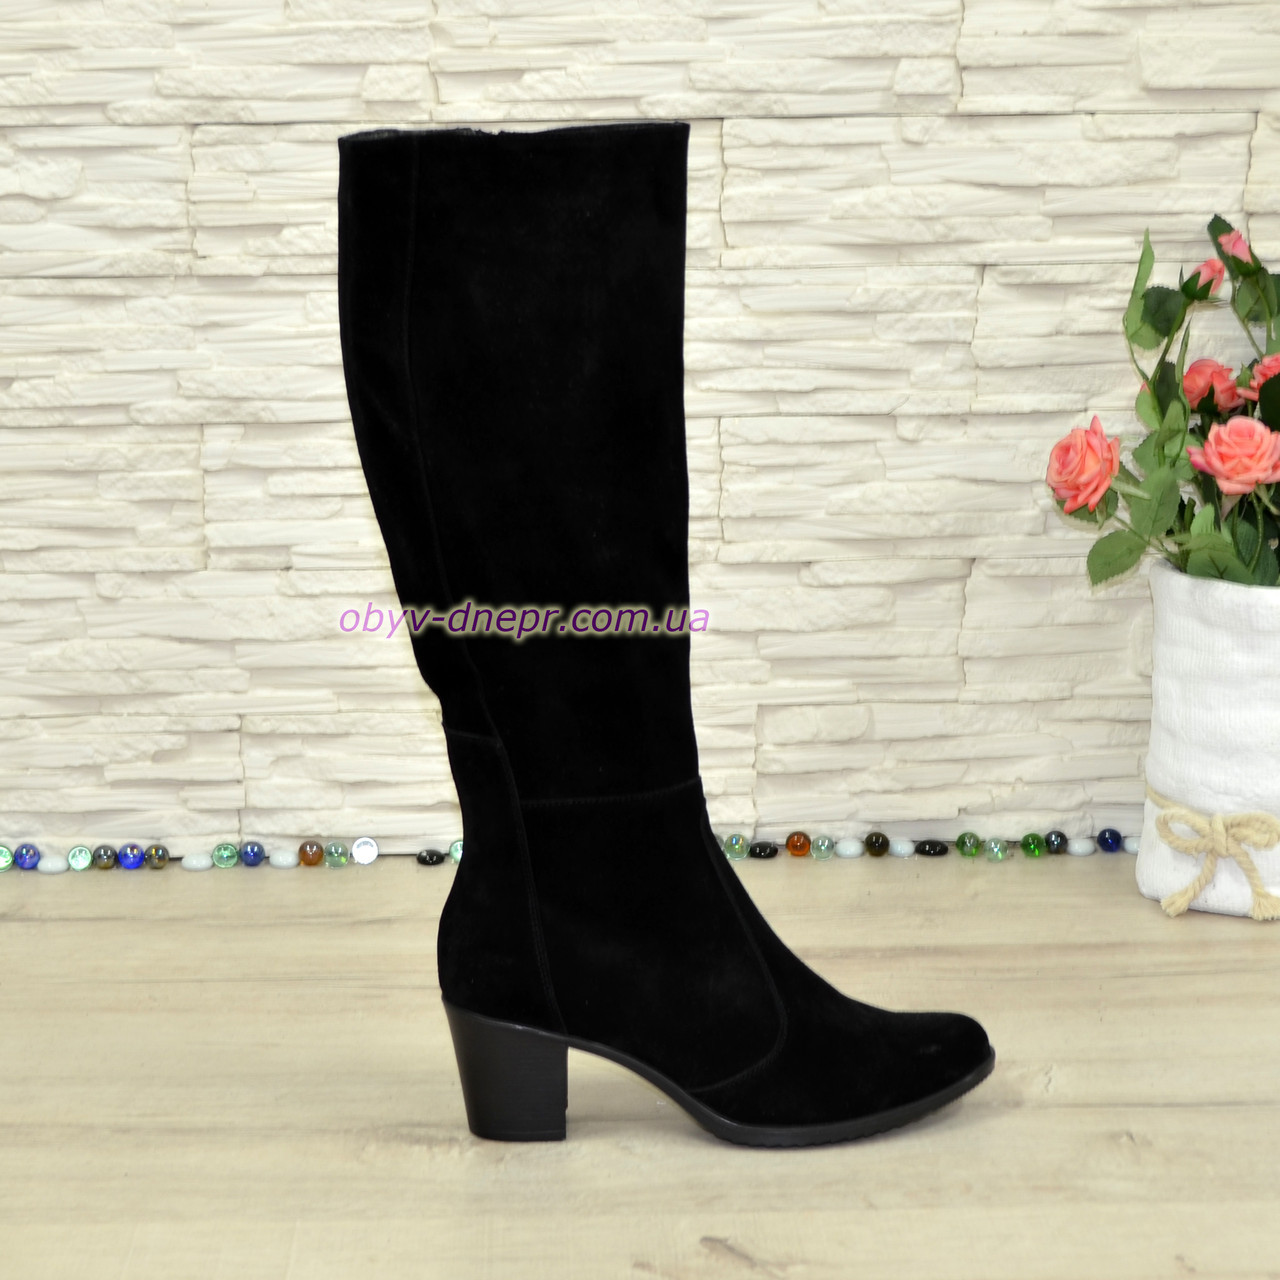 Сапоги черные замшевые женские на устойчивом каблуке, с широким голенищем